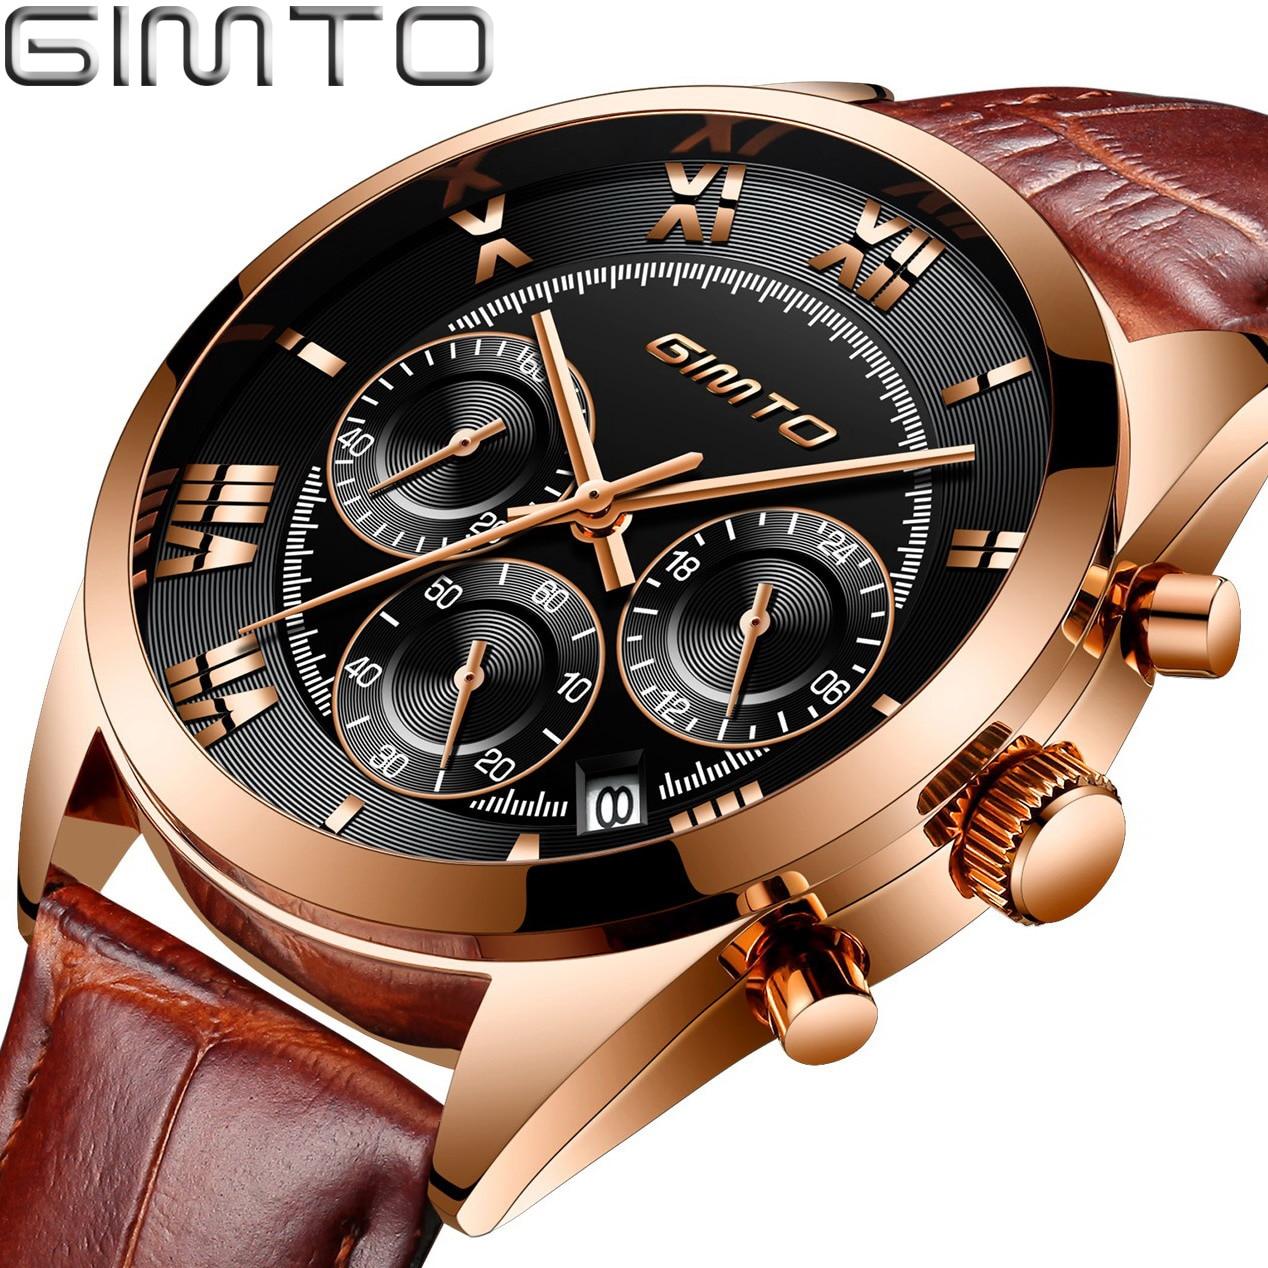 GIMTO Top marca reloj de oro hombres 2018 nuevo cuero masculino reloj romano de la vendimia Casual ejército militar relojes deportivos Relogio